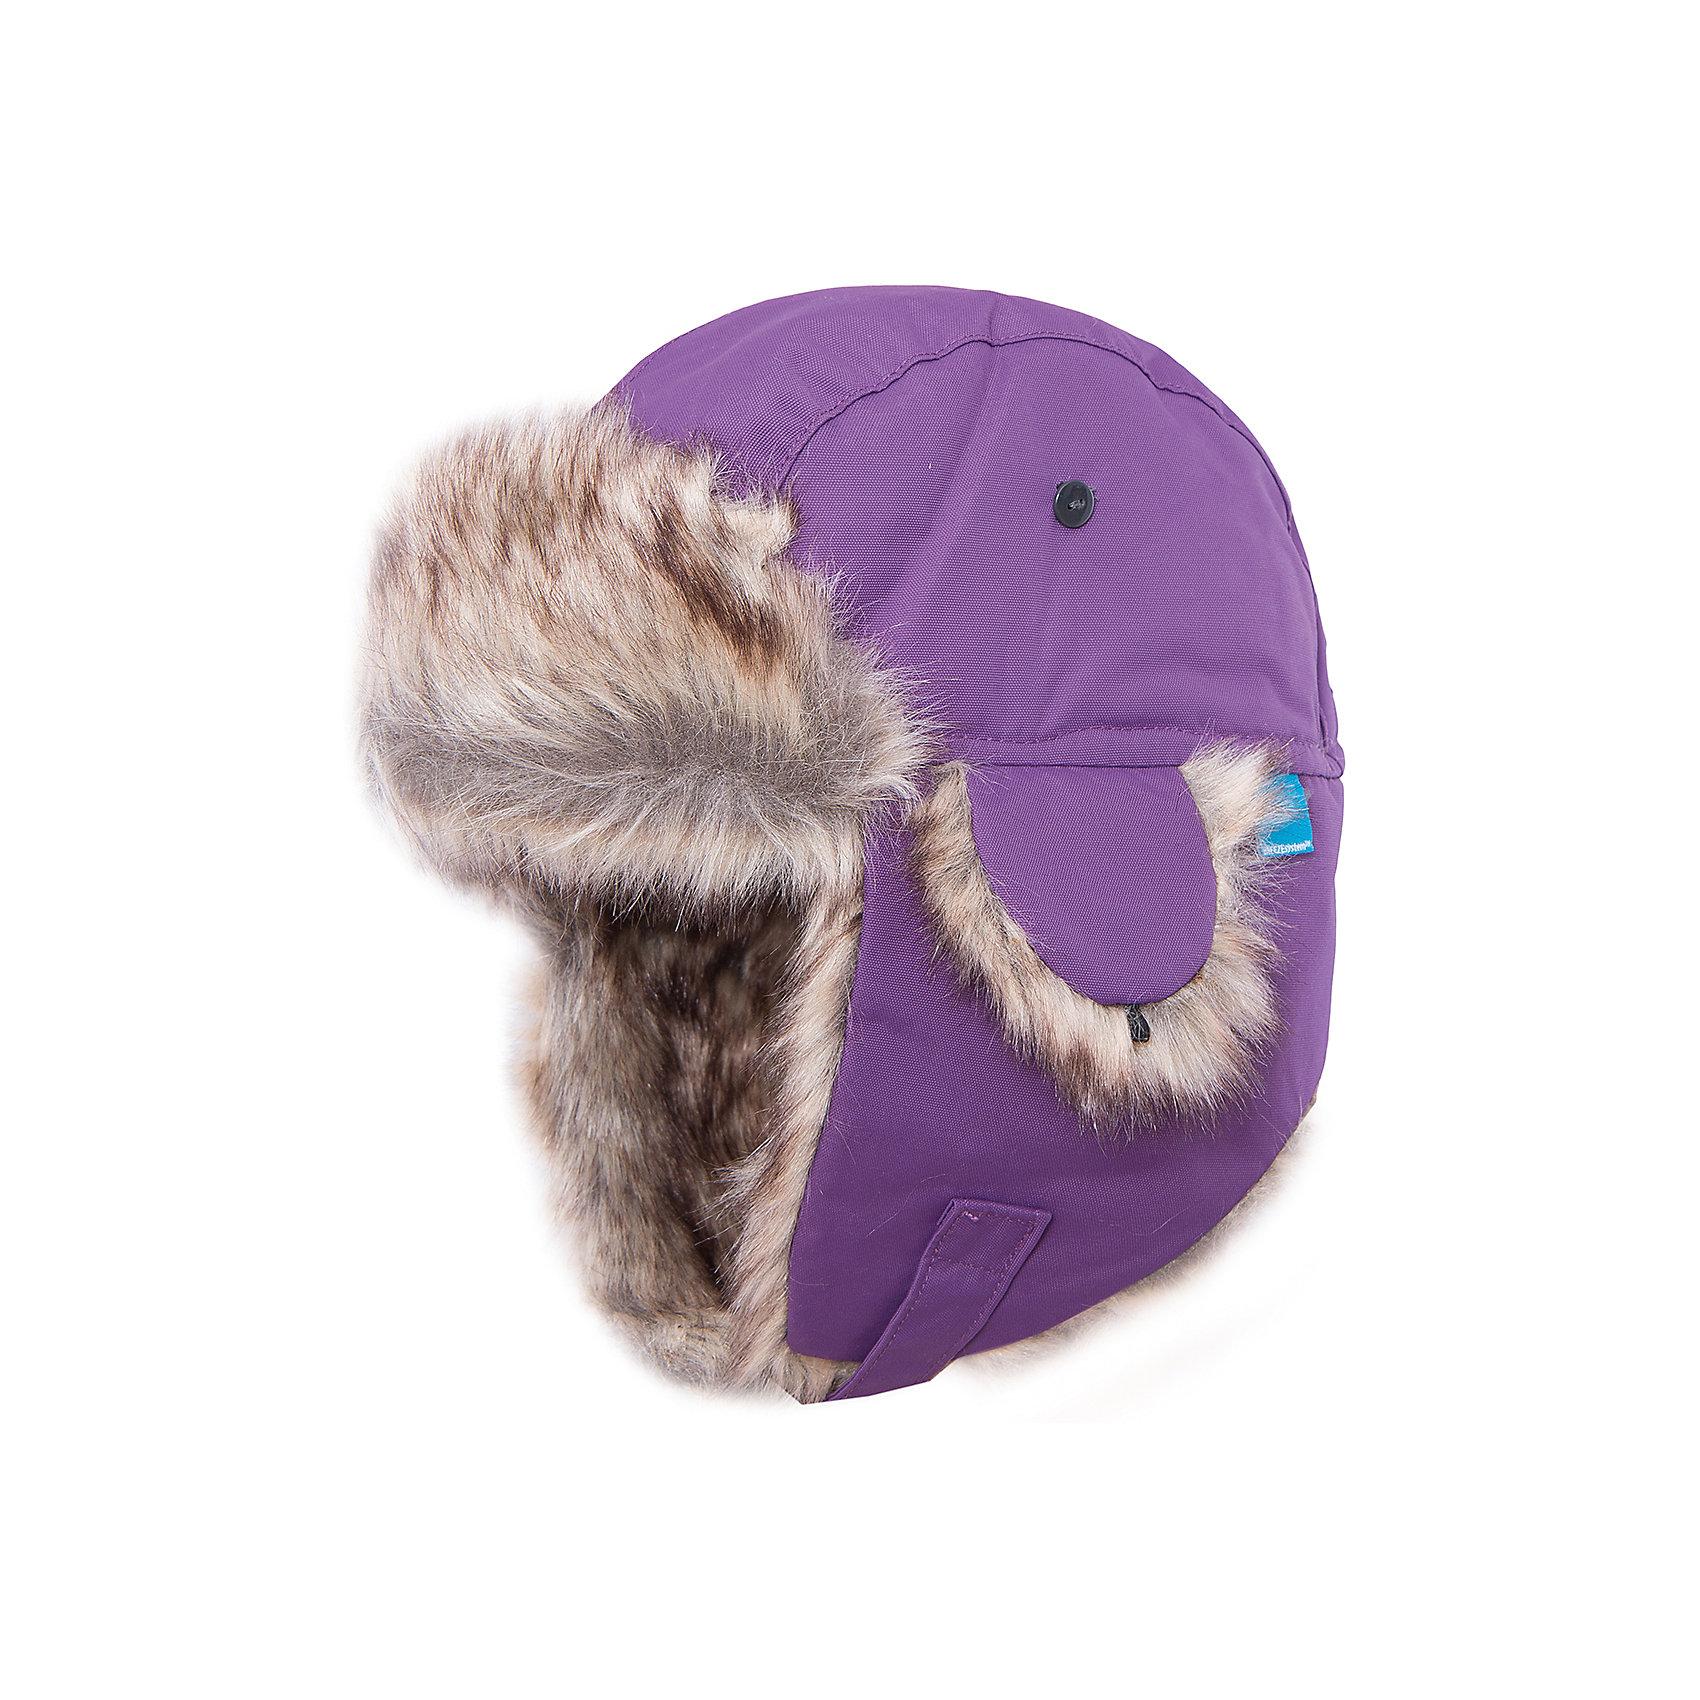 Шапка Helge для девочки DIDRIKSONSГоловные уборы<br>Характеристики товара:<br><br>• цвет: фиолетовый<br>• материал: 100% полиамид, подкладка 100% полиэстер<br>• утеплитель: 60 г/м<br>• сезон: зима<br>• температурный режим от +5° до -20°С<br>• непромокаемая и непродуваемая мембранная ткань<br>• подкладка из искусственного меха<br>• дополнительная пропитка верха<br>• прокленные швы<br>• застежка: липучка<br>• защита ушей от холода<br>• страна бренда: Швеция<br>• страна производства: Китай<br><br>Такие шапки с ушками сейчас на пике молодежной моды! Это не только стильно, но еще и очень комфортно, а также тепло. Эта качественная шапка обеспечит ребенку удобство при прогулках и активном отдыхе зимой. Такая модель от шведского производителя отлично смотрится с разной верхней одеждой.<br>Шапка сшита из мембранной ткани, которая позволяет телу дышать, но при этом не промокает и не продувается. Очень стильная и удобная модель! Изделие качественно выполнено, сделано из безопасных для детей материалов. <br><br>Шапку для девочки от бренда DIDRIKSONS можно купить в нашем интернет-магазине.<br><br>Ширина мм: 89<br>Глубина мм: 117<br>Высота мм: 44<br>Вес г: 155<br>Цвет: лиловый<br>Возраст от месяцев: 48<br>Возраст до месяцев: 60<br>Пол: Женский<br>Возраст: Детский<br>Размер: 52,56,54<br>SKU: 5003817